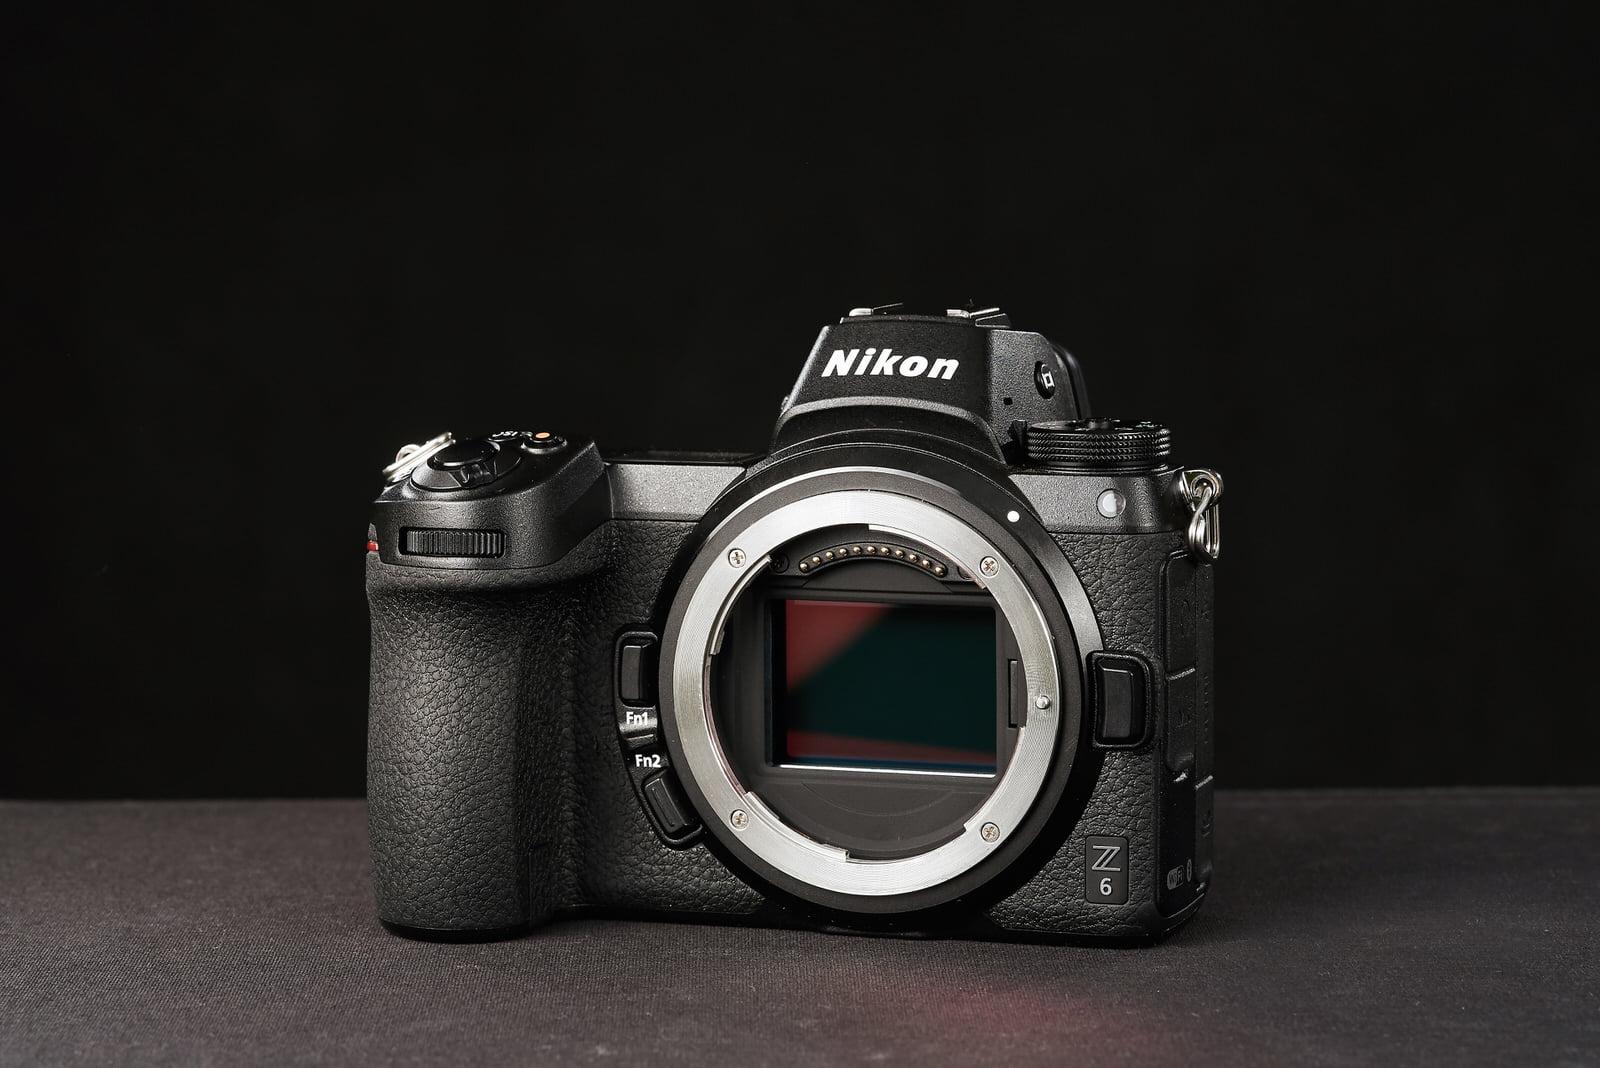 Recenzja Nikon Z6 w fotografii ślubnej | Porównanie do Nikona D750